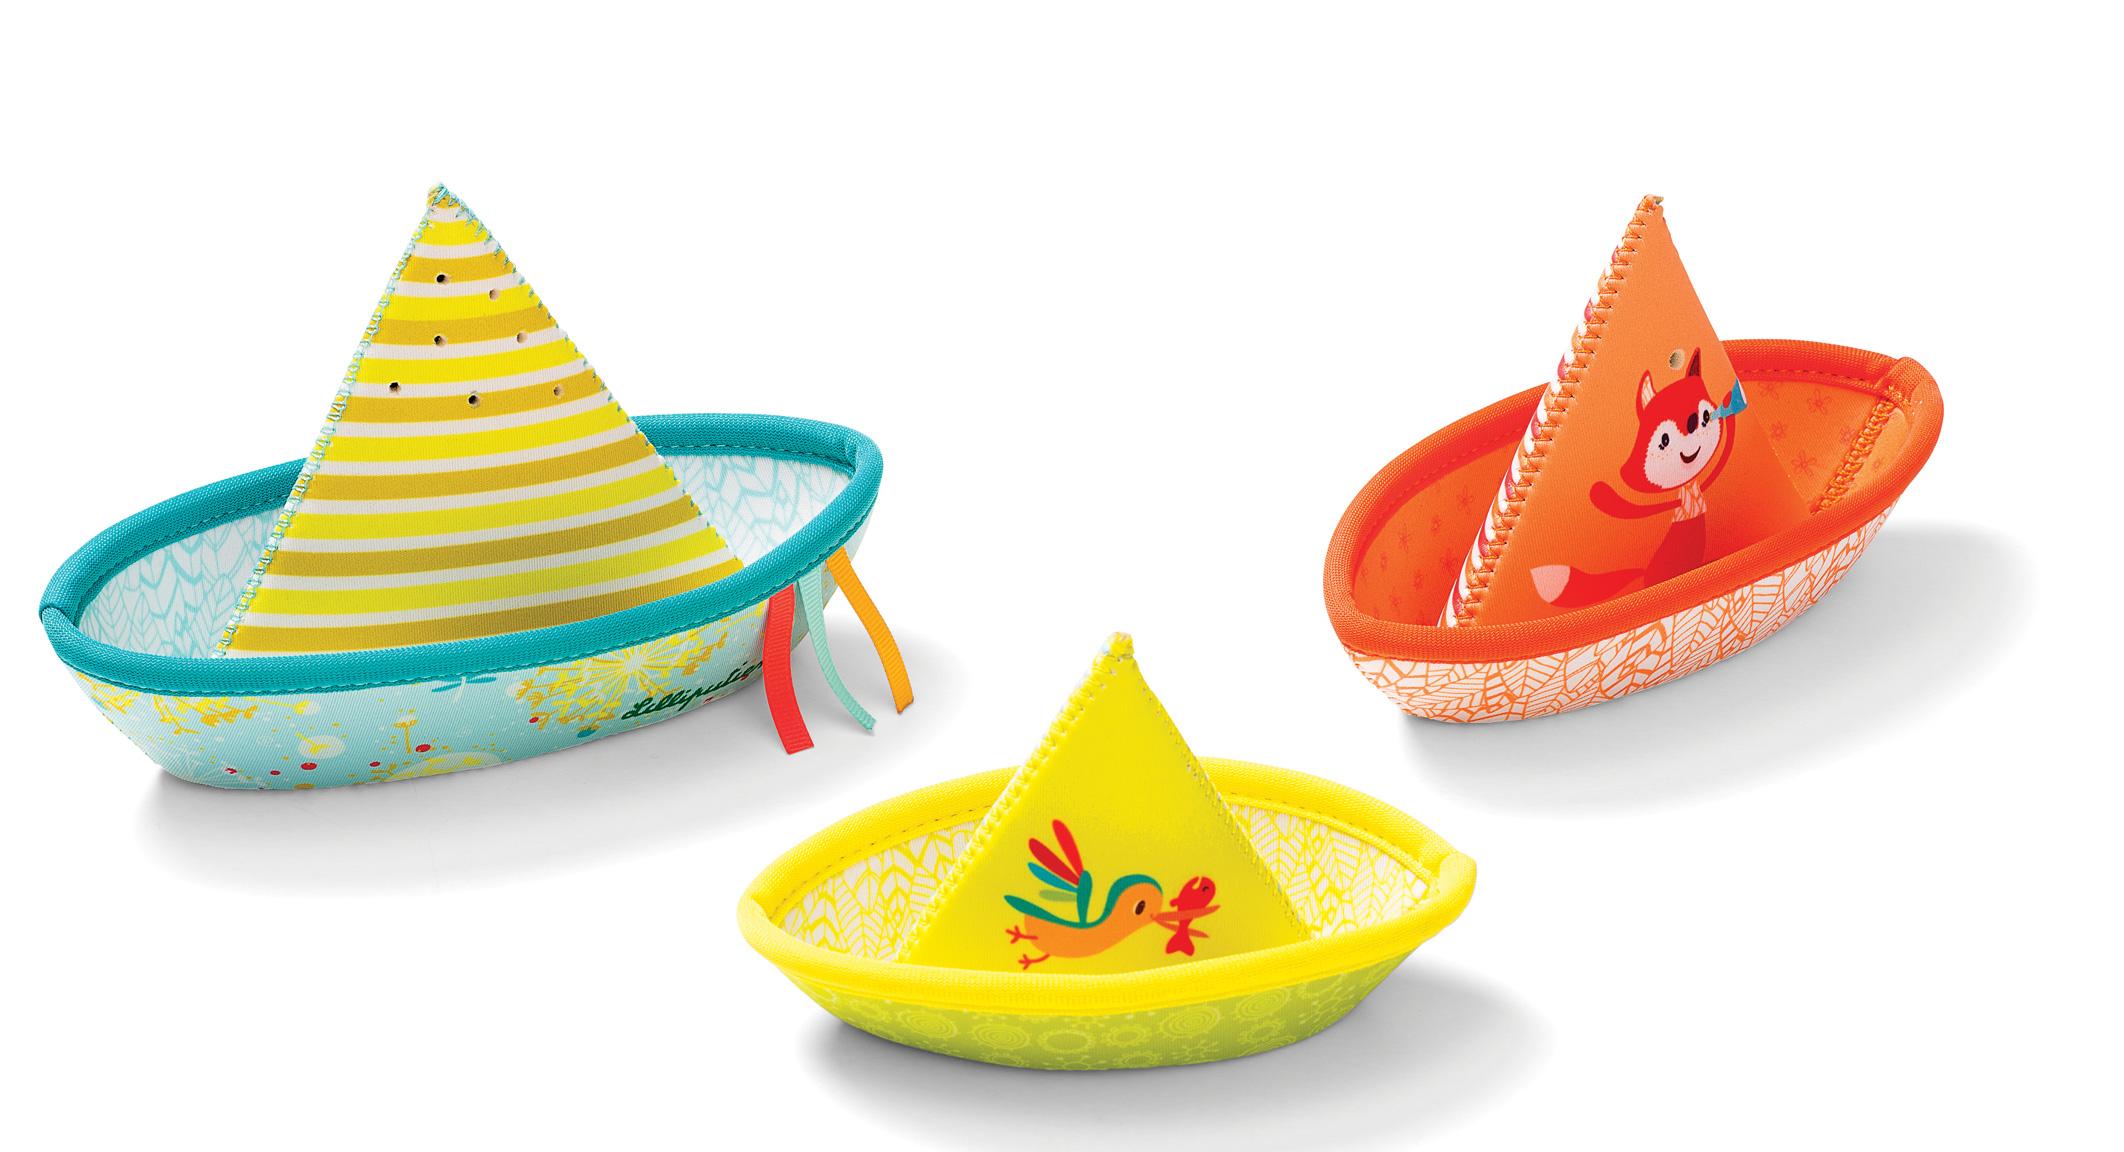 Badespaß 3 kleine Boote